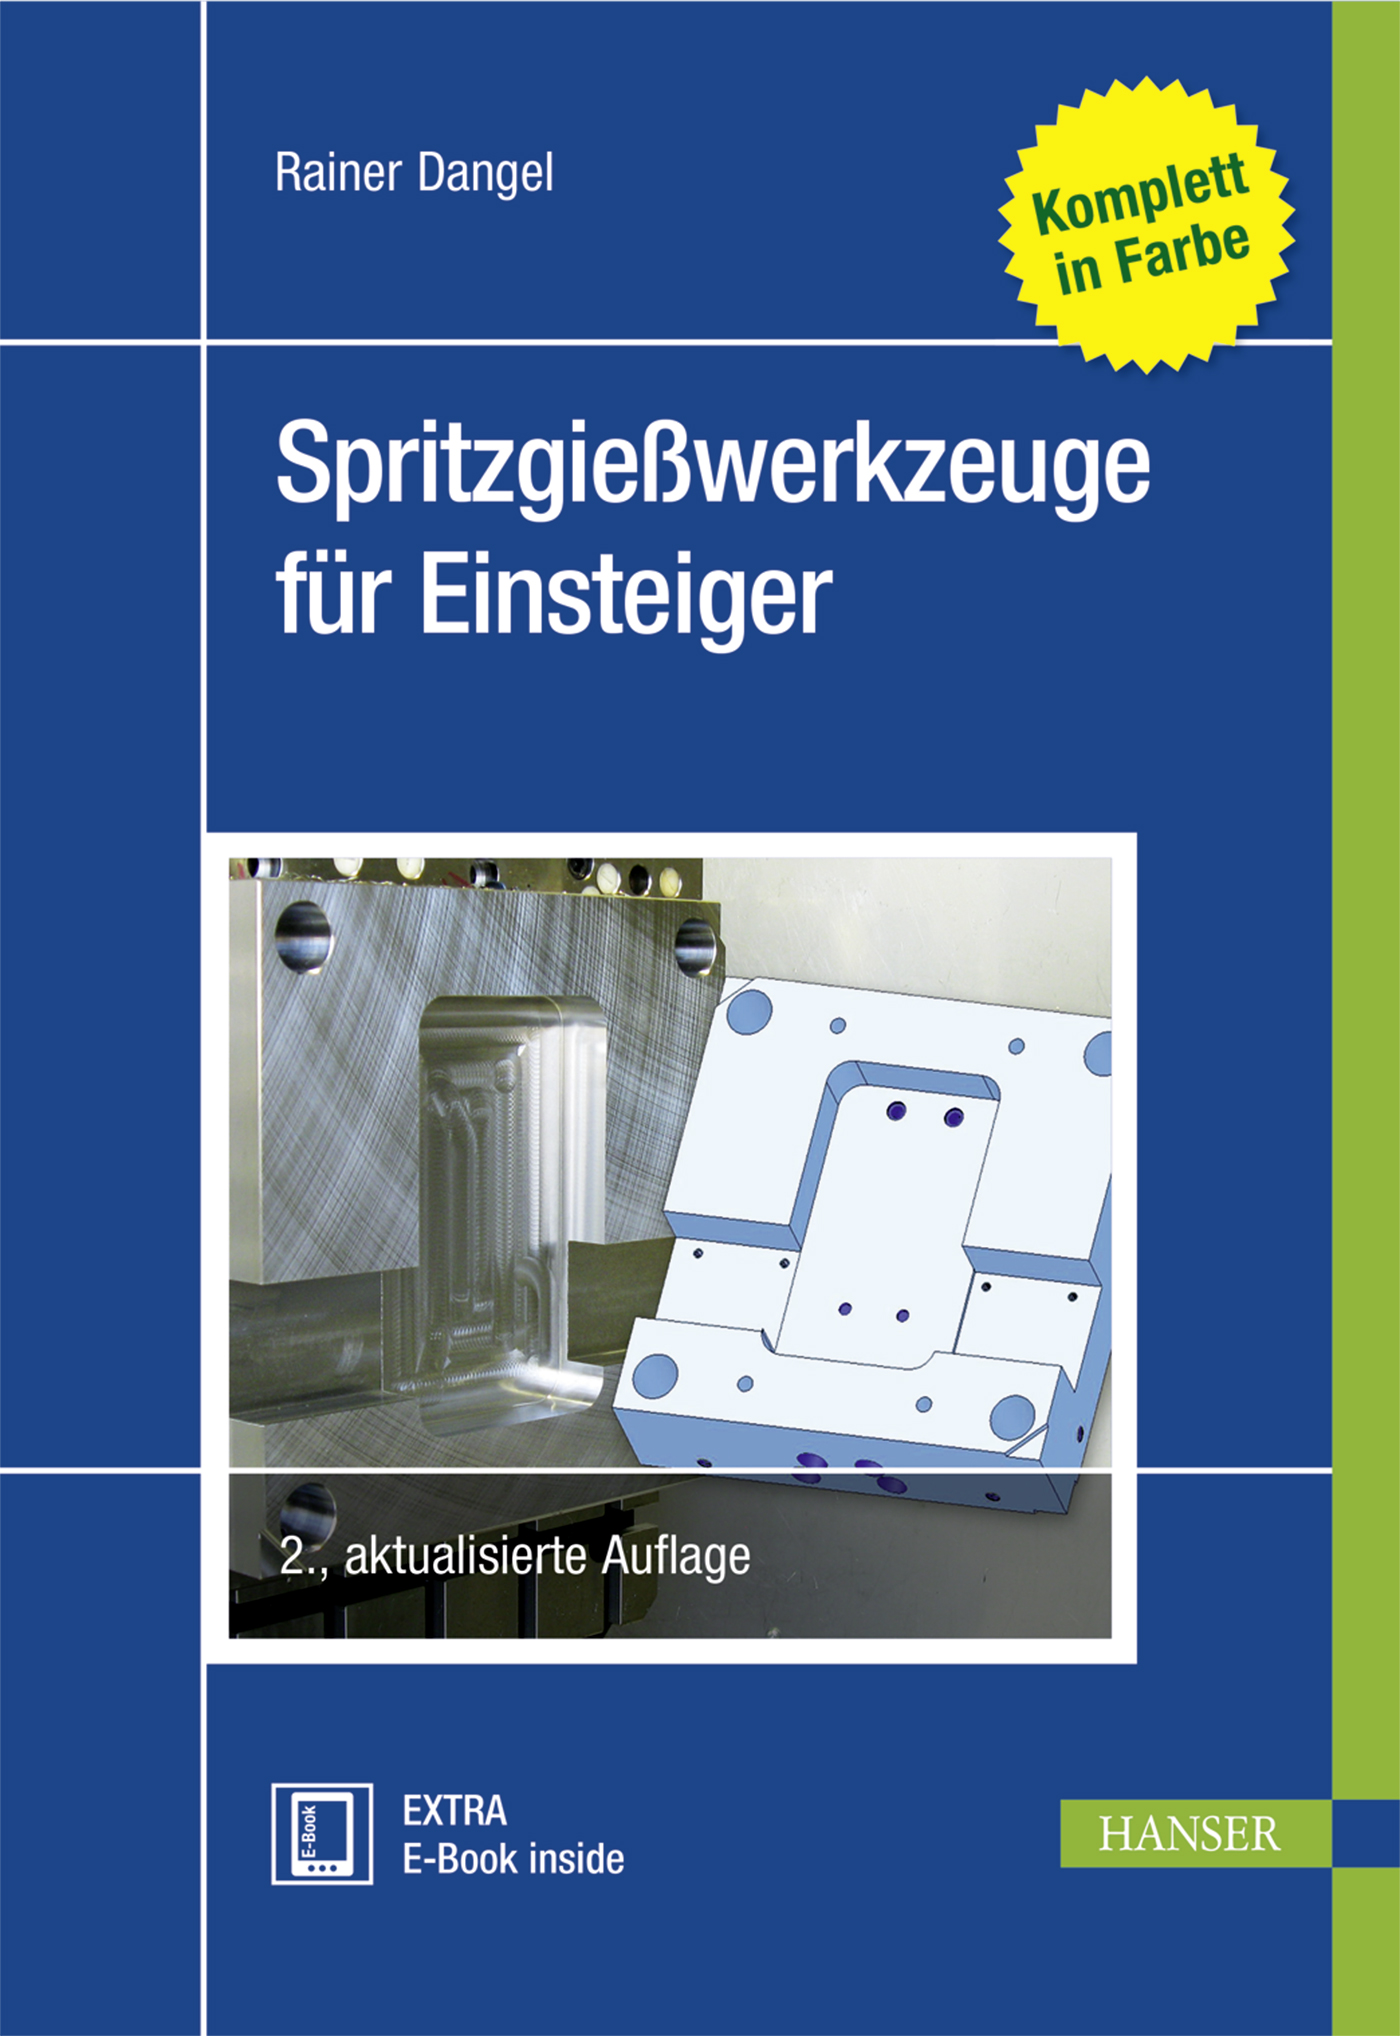 Dangel, Spritzgießwerkzeuge für Einsteiger, 978-3-446-45043-1